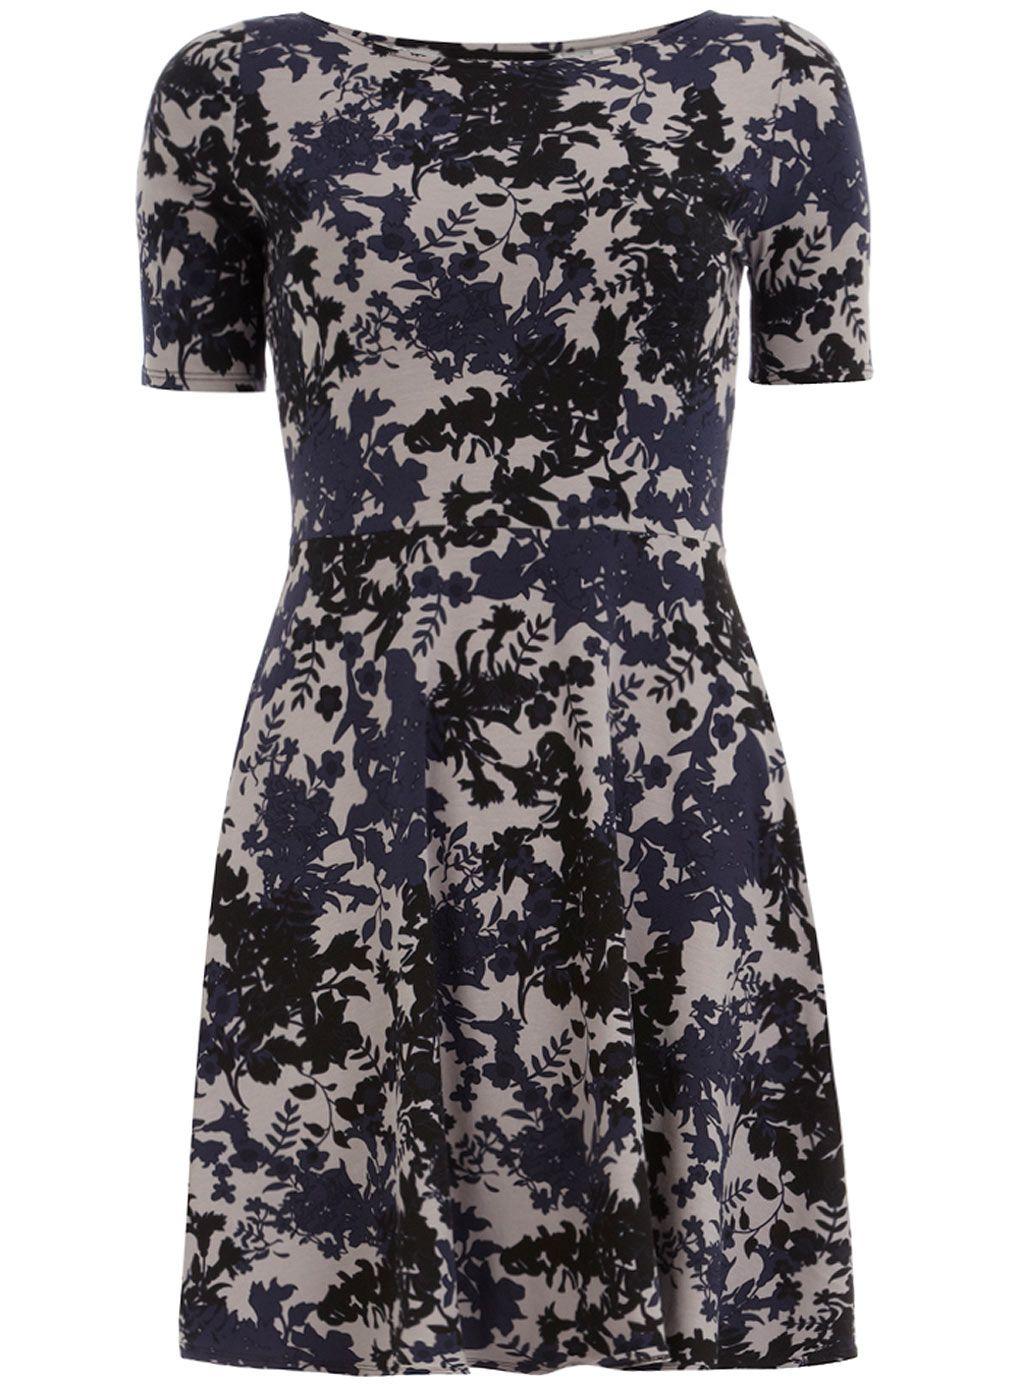 Grey floral print flare dress  #DorothyPerkins